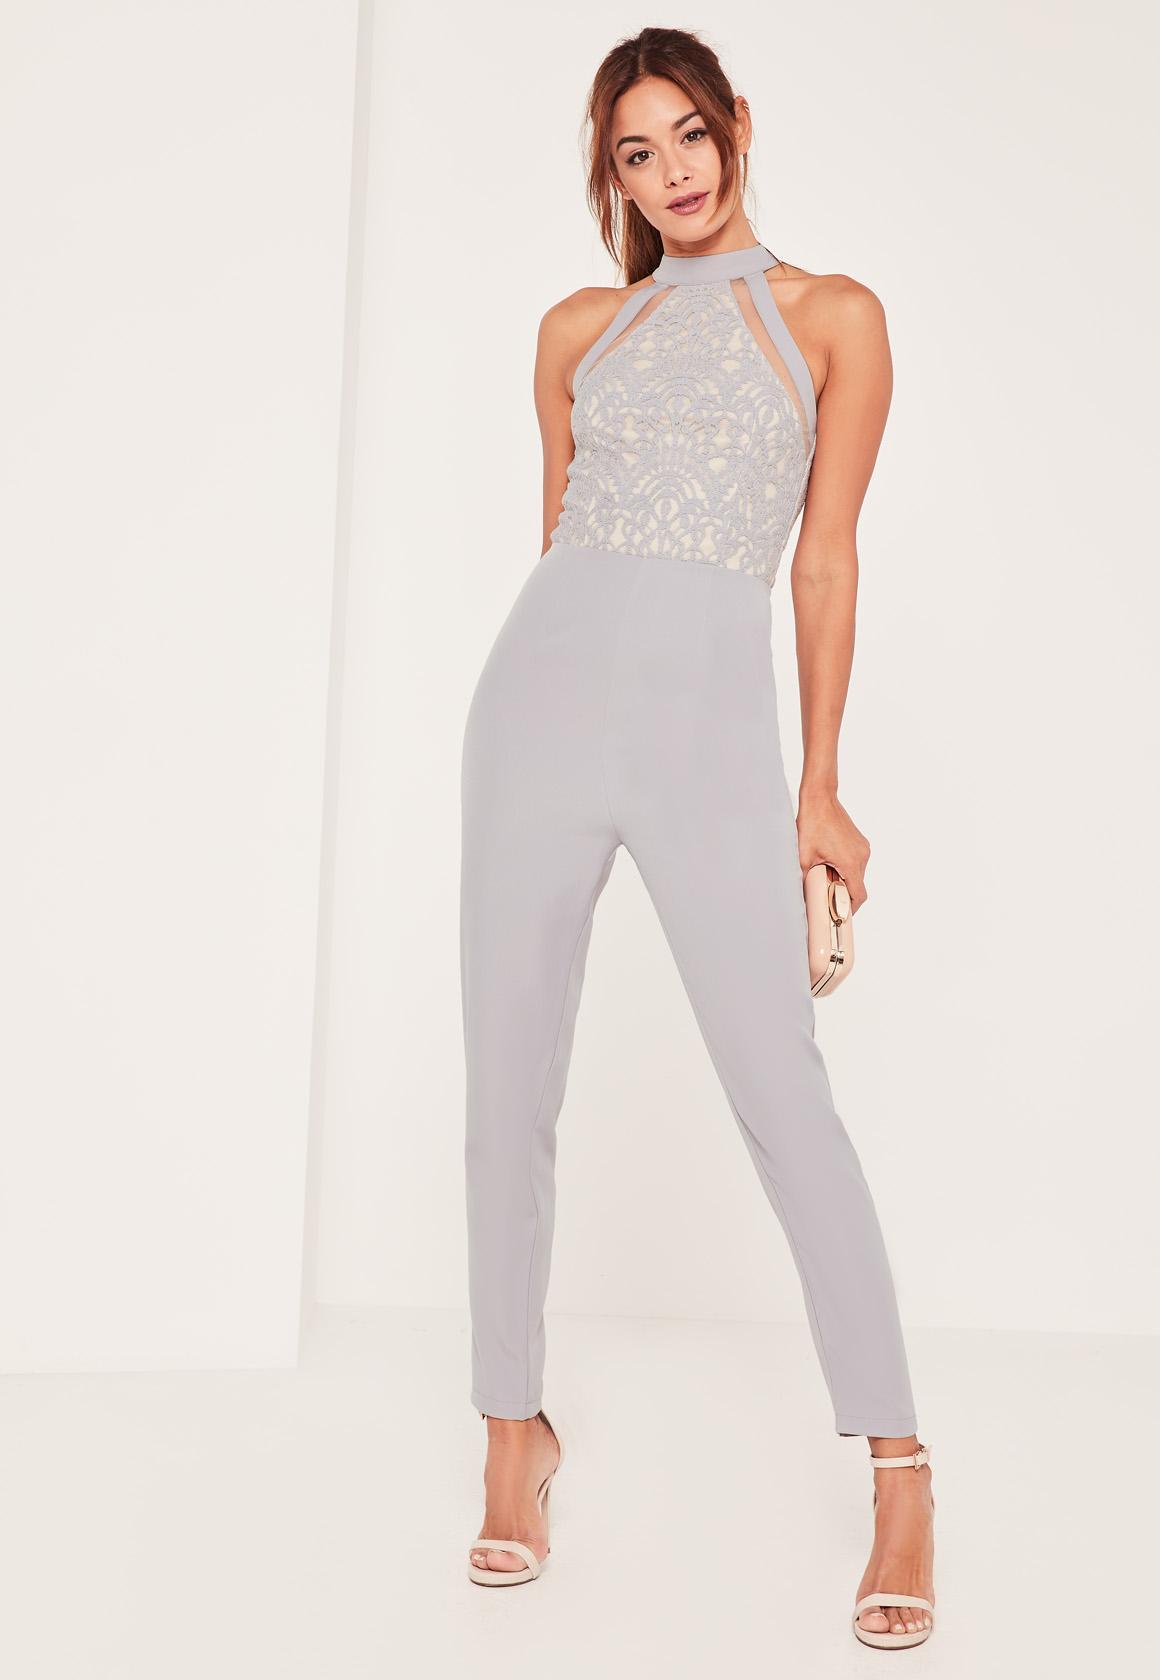 combinaison Noire Pantalon Grise Femme Fashion Grise Combinaison Et b6Y7gyfv